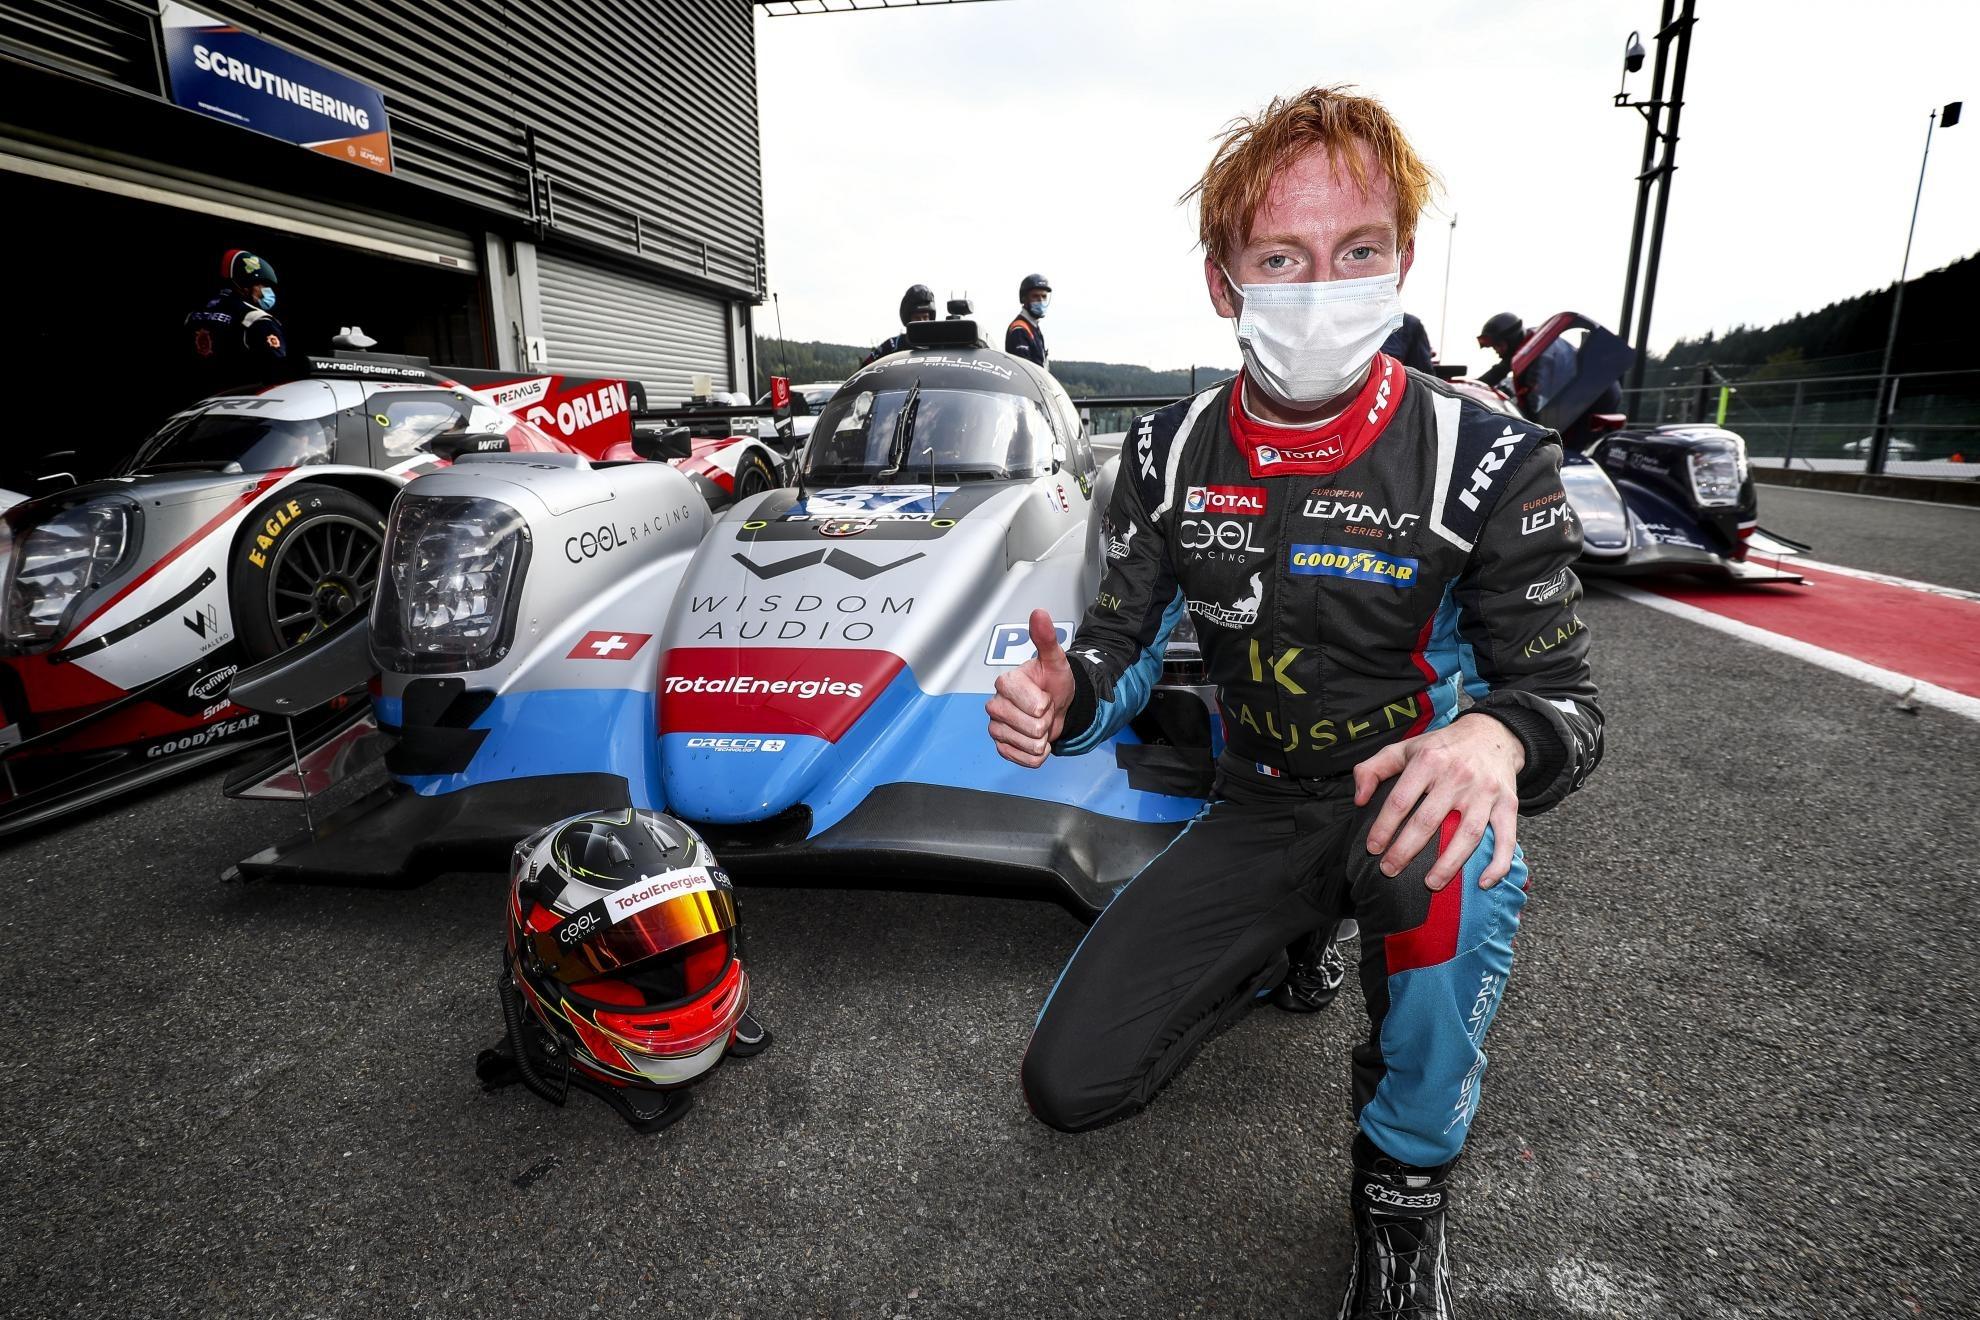 COOL Racing sichert sich die erste Pole-Position dieser ELMS Saison